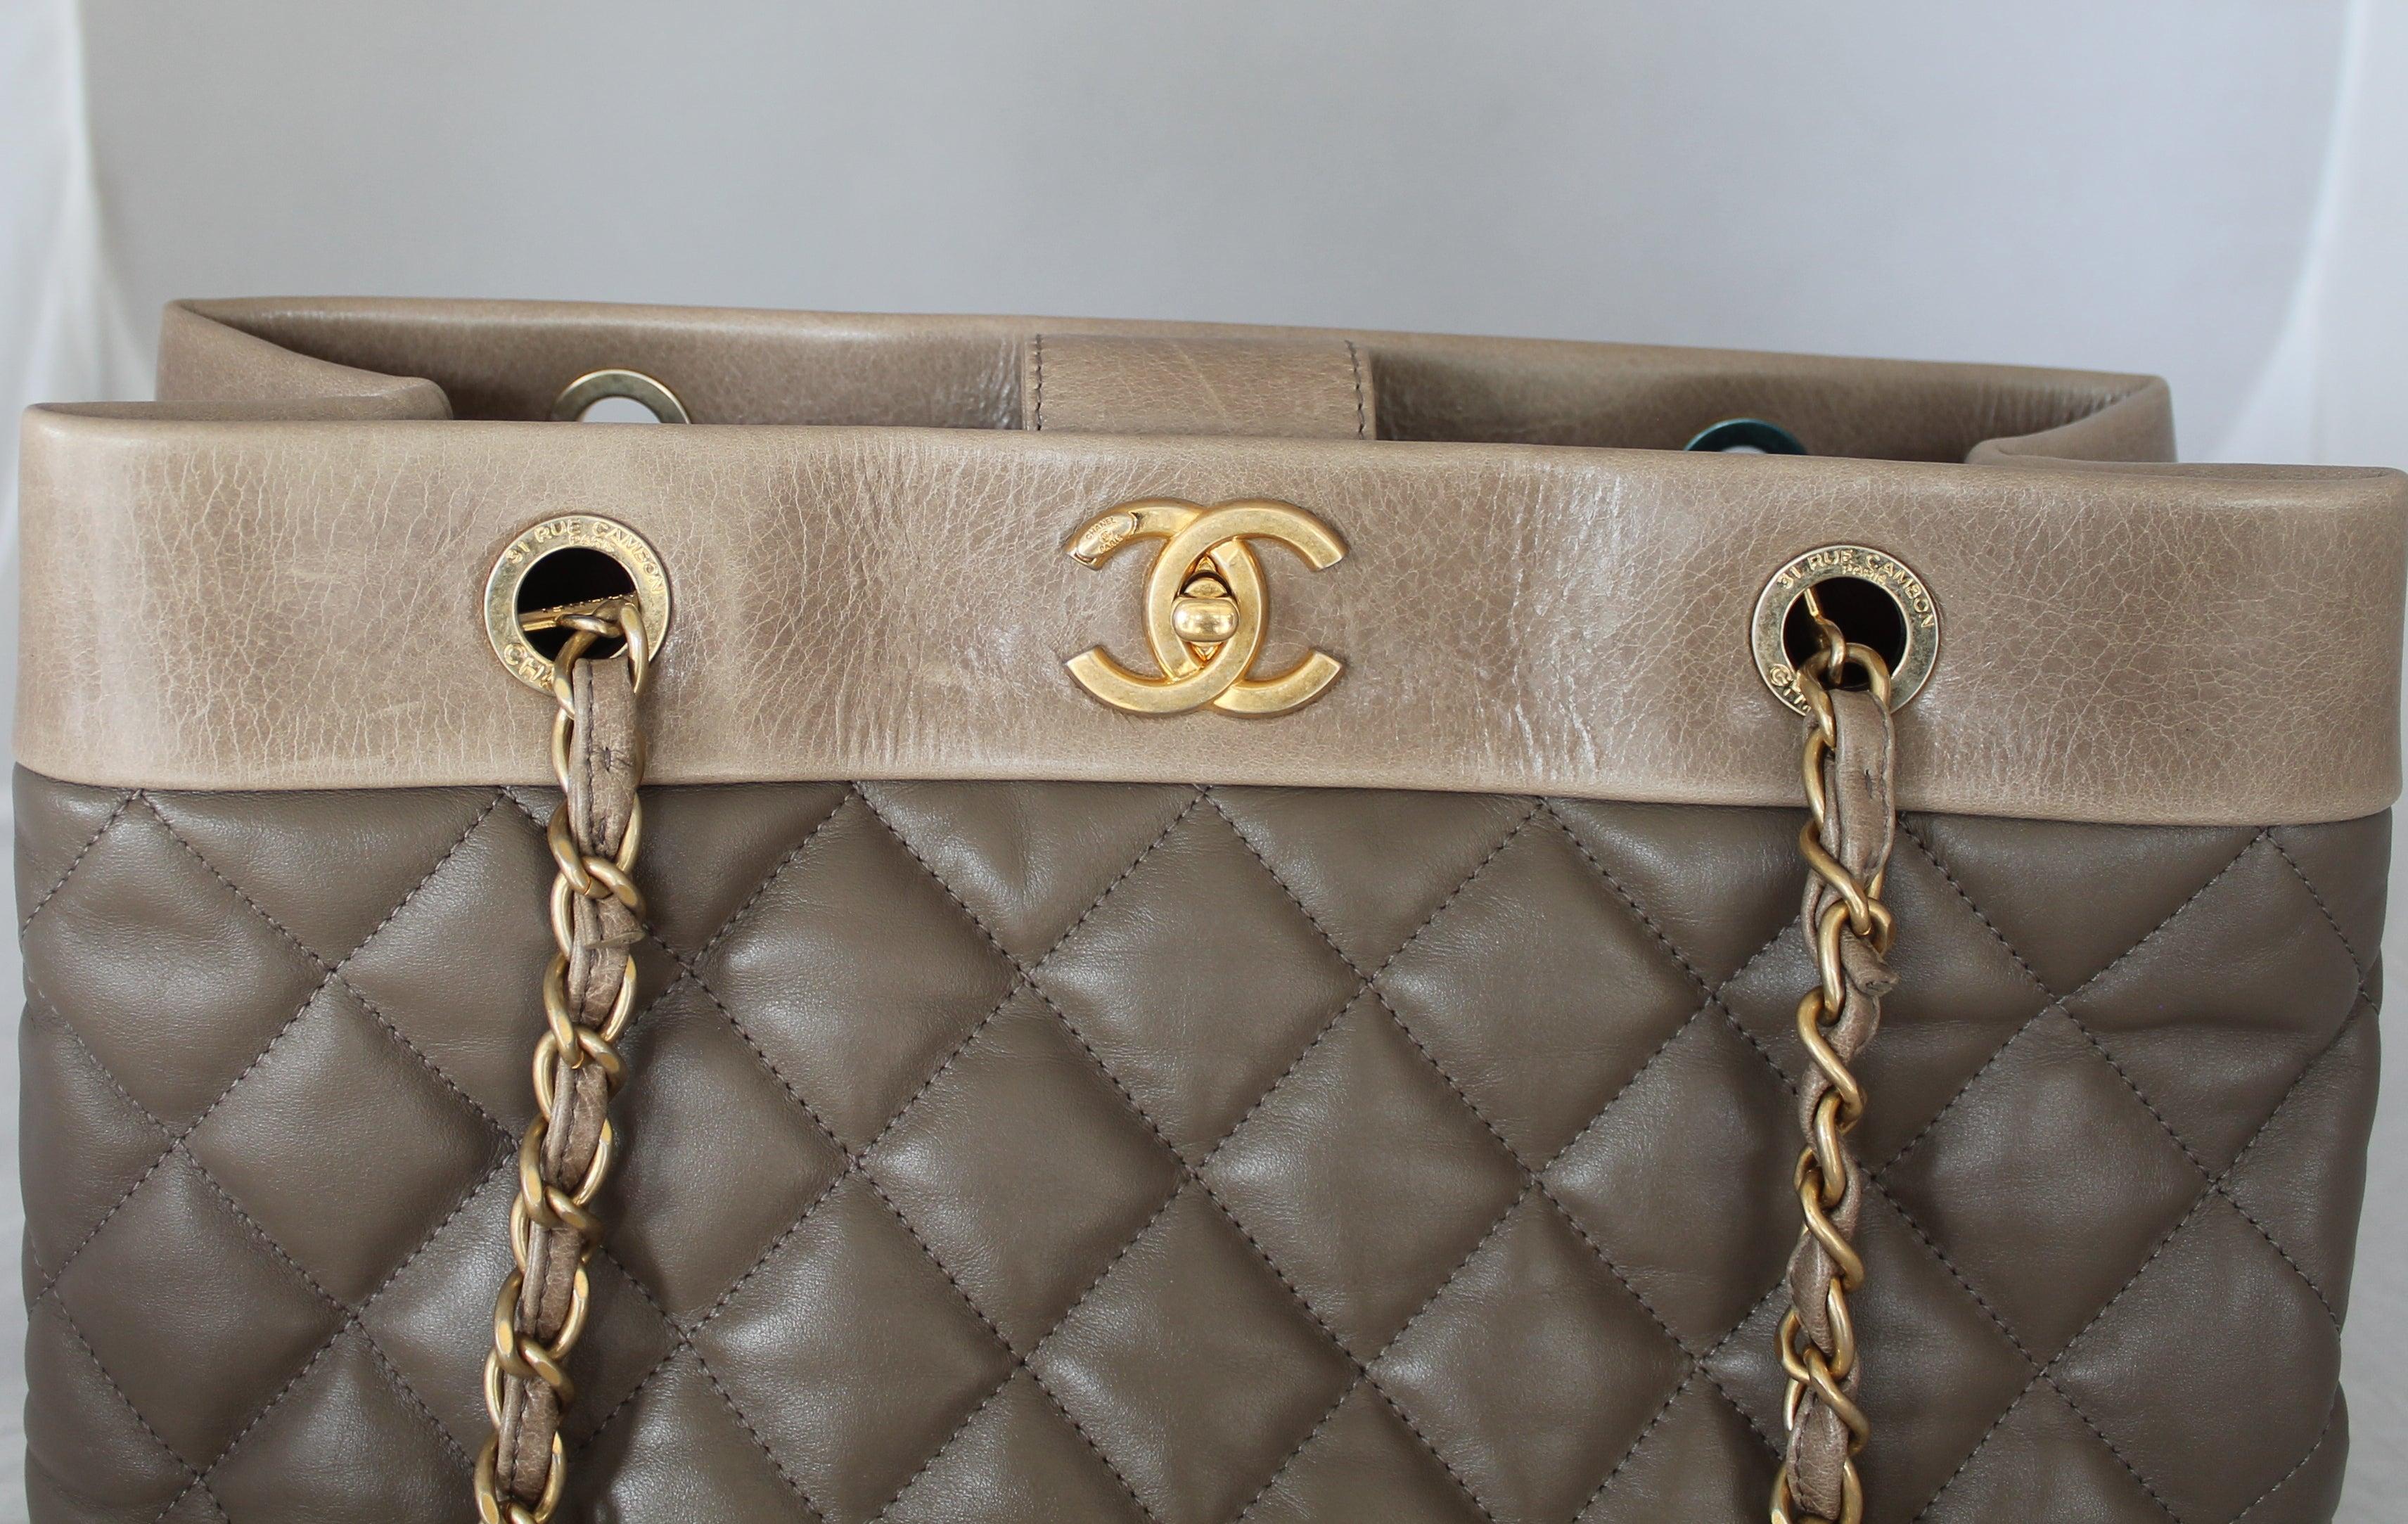 29a68ec19a674b Chanel 2013 Taupe Soft Elegance Tote Shoulder Bag - GHW at 1stdibs